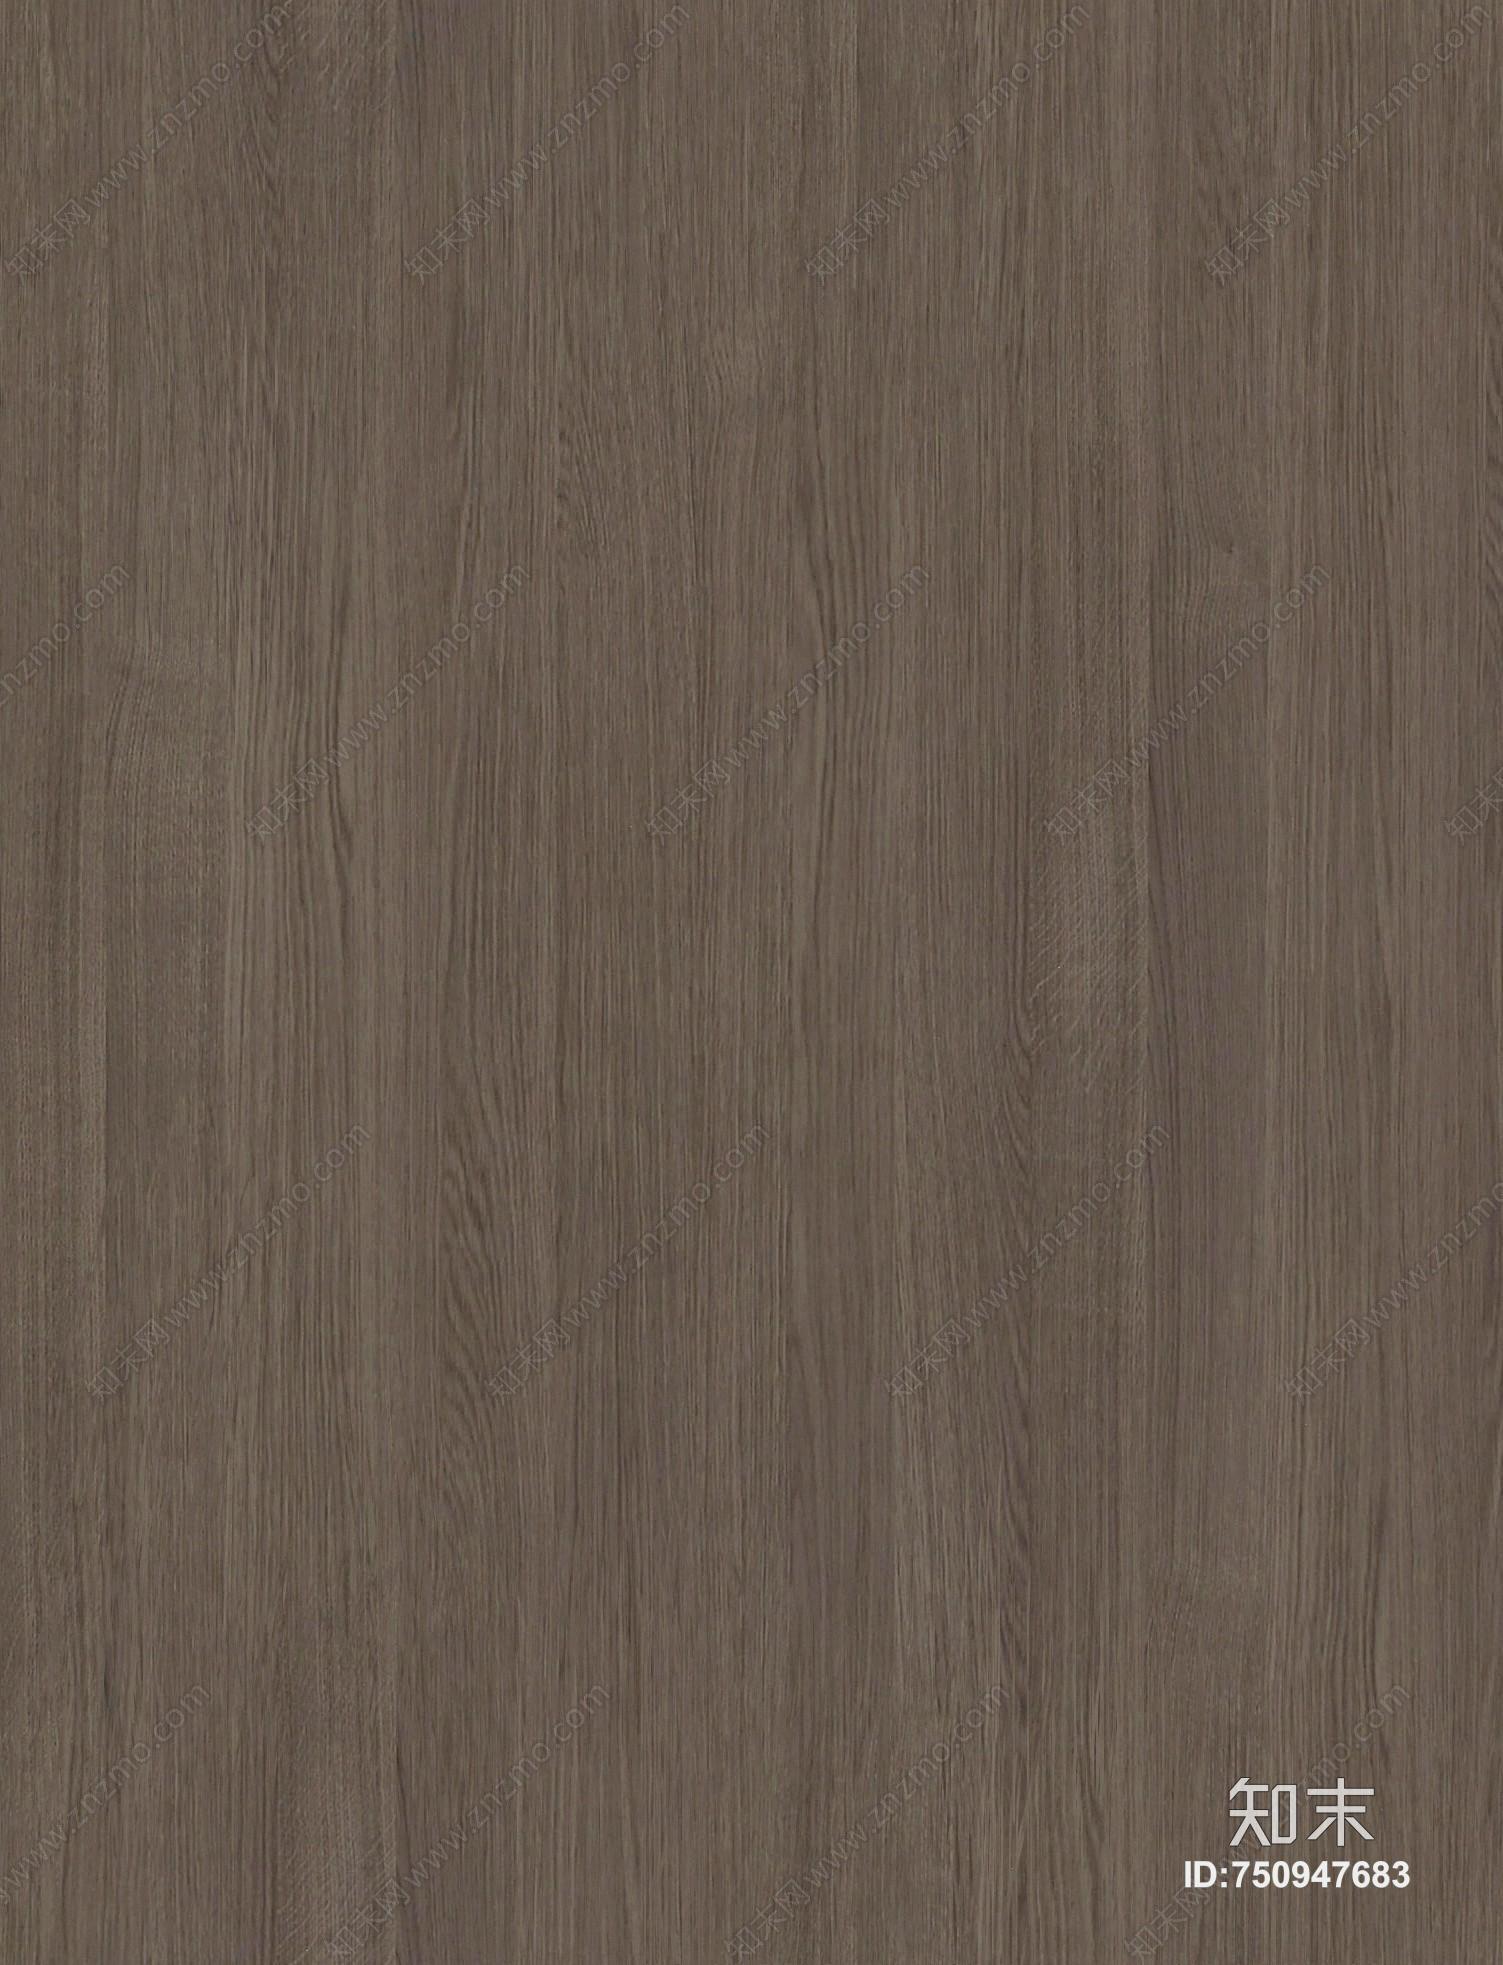 木纹贴图下载【ID:750947683】